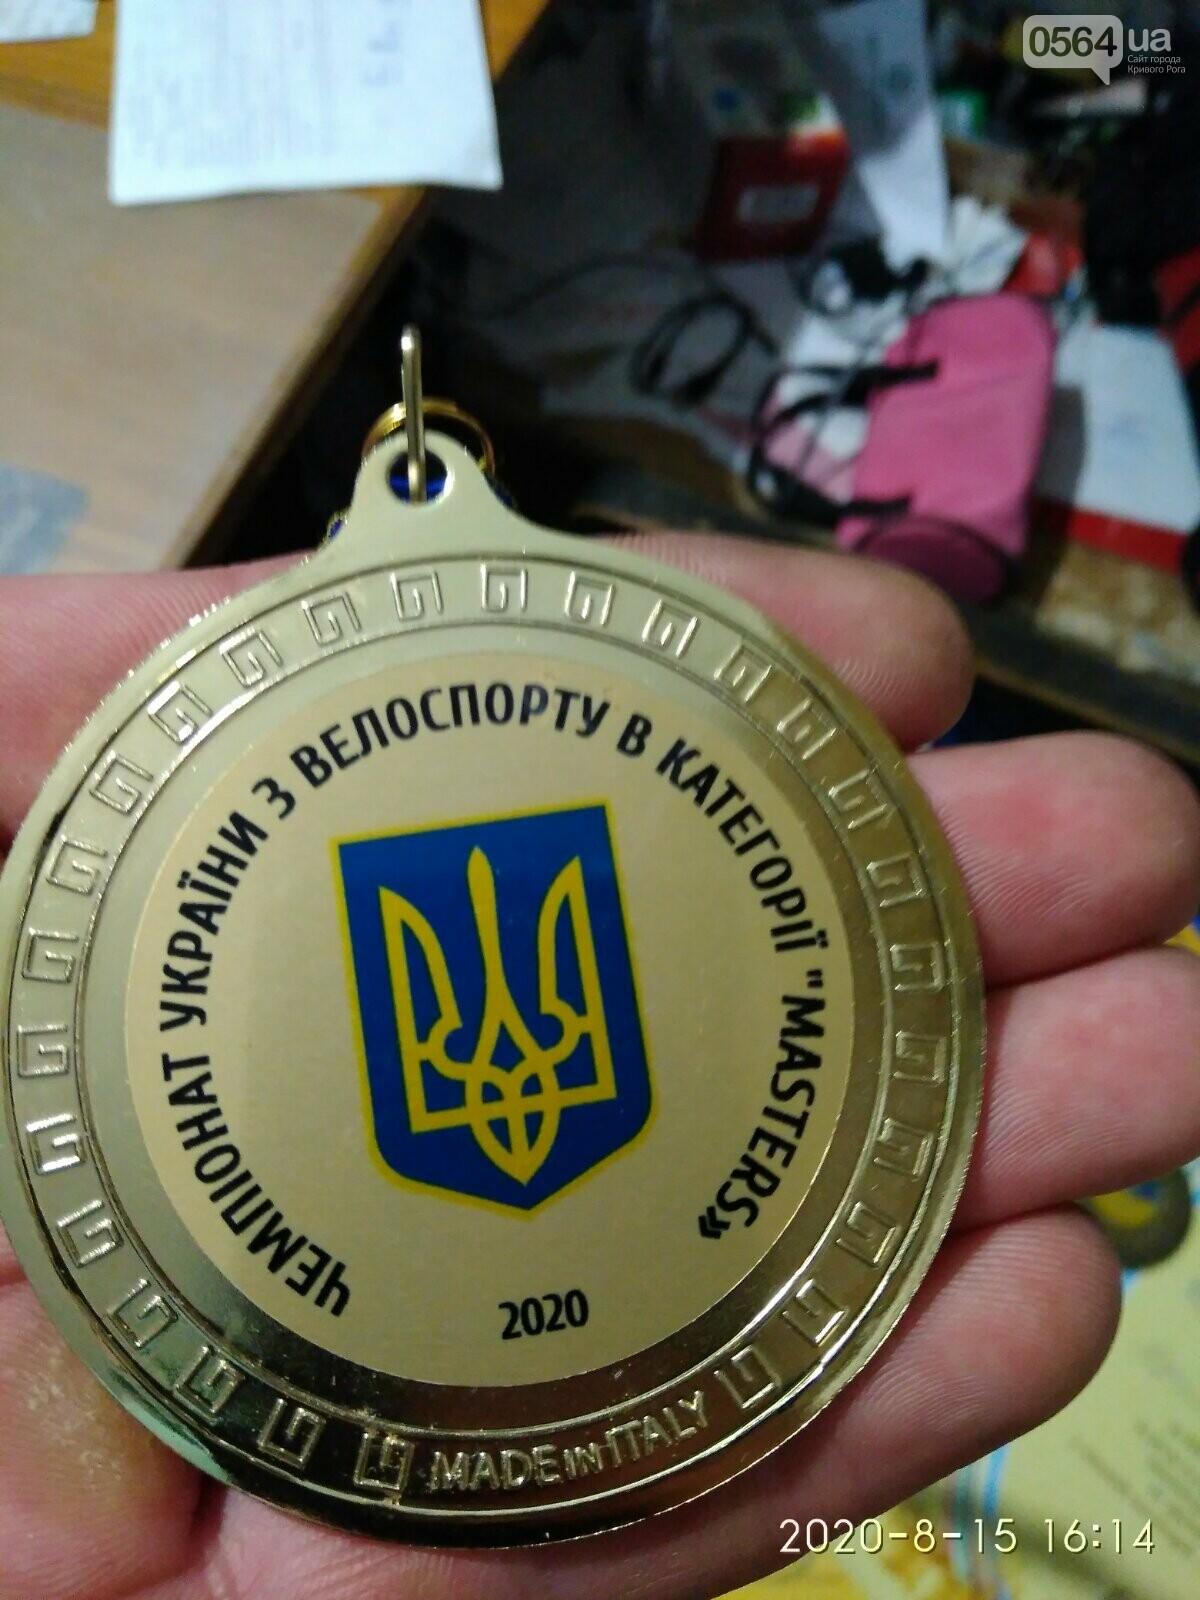 Велогонщики из Кривого Рога стали лучшими на чемпионате Украины среди ветеранов, - ФОТО, фото-9